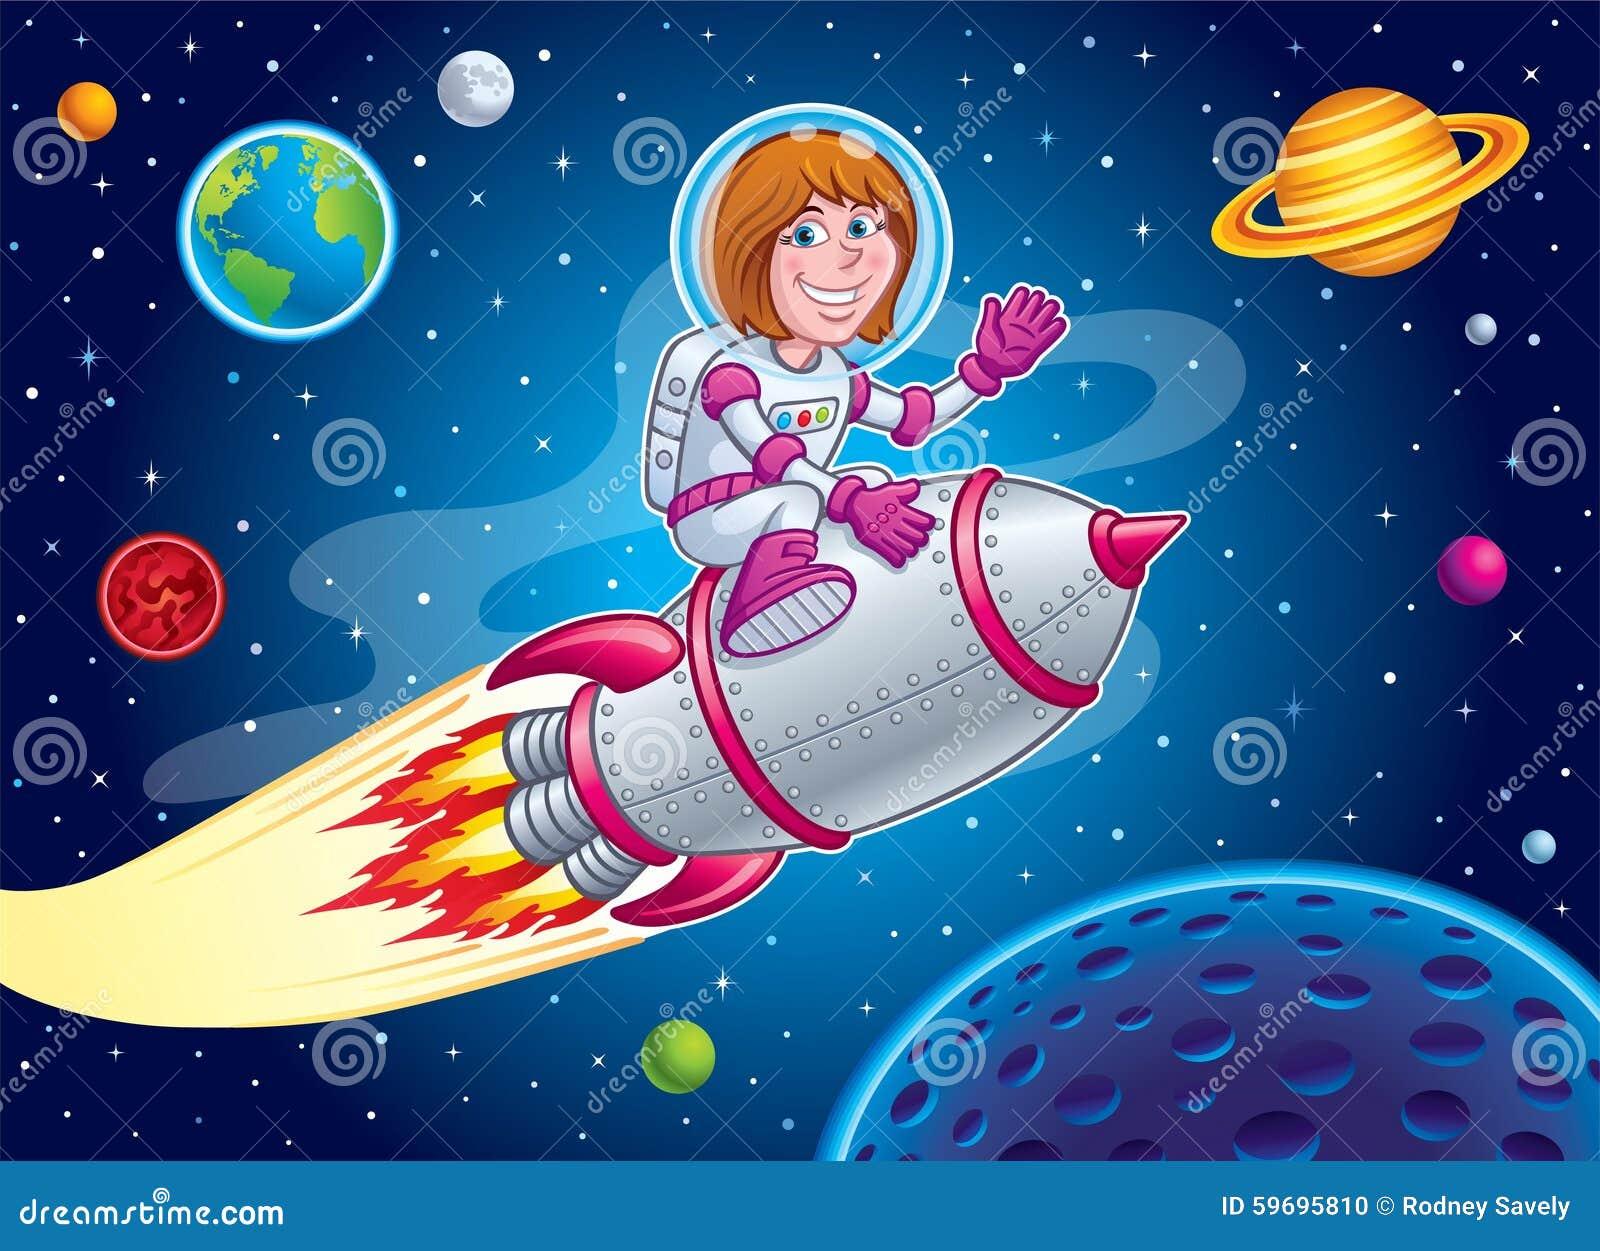 rocket space suit illustrations - photo #8